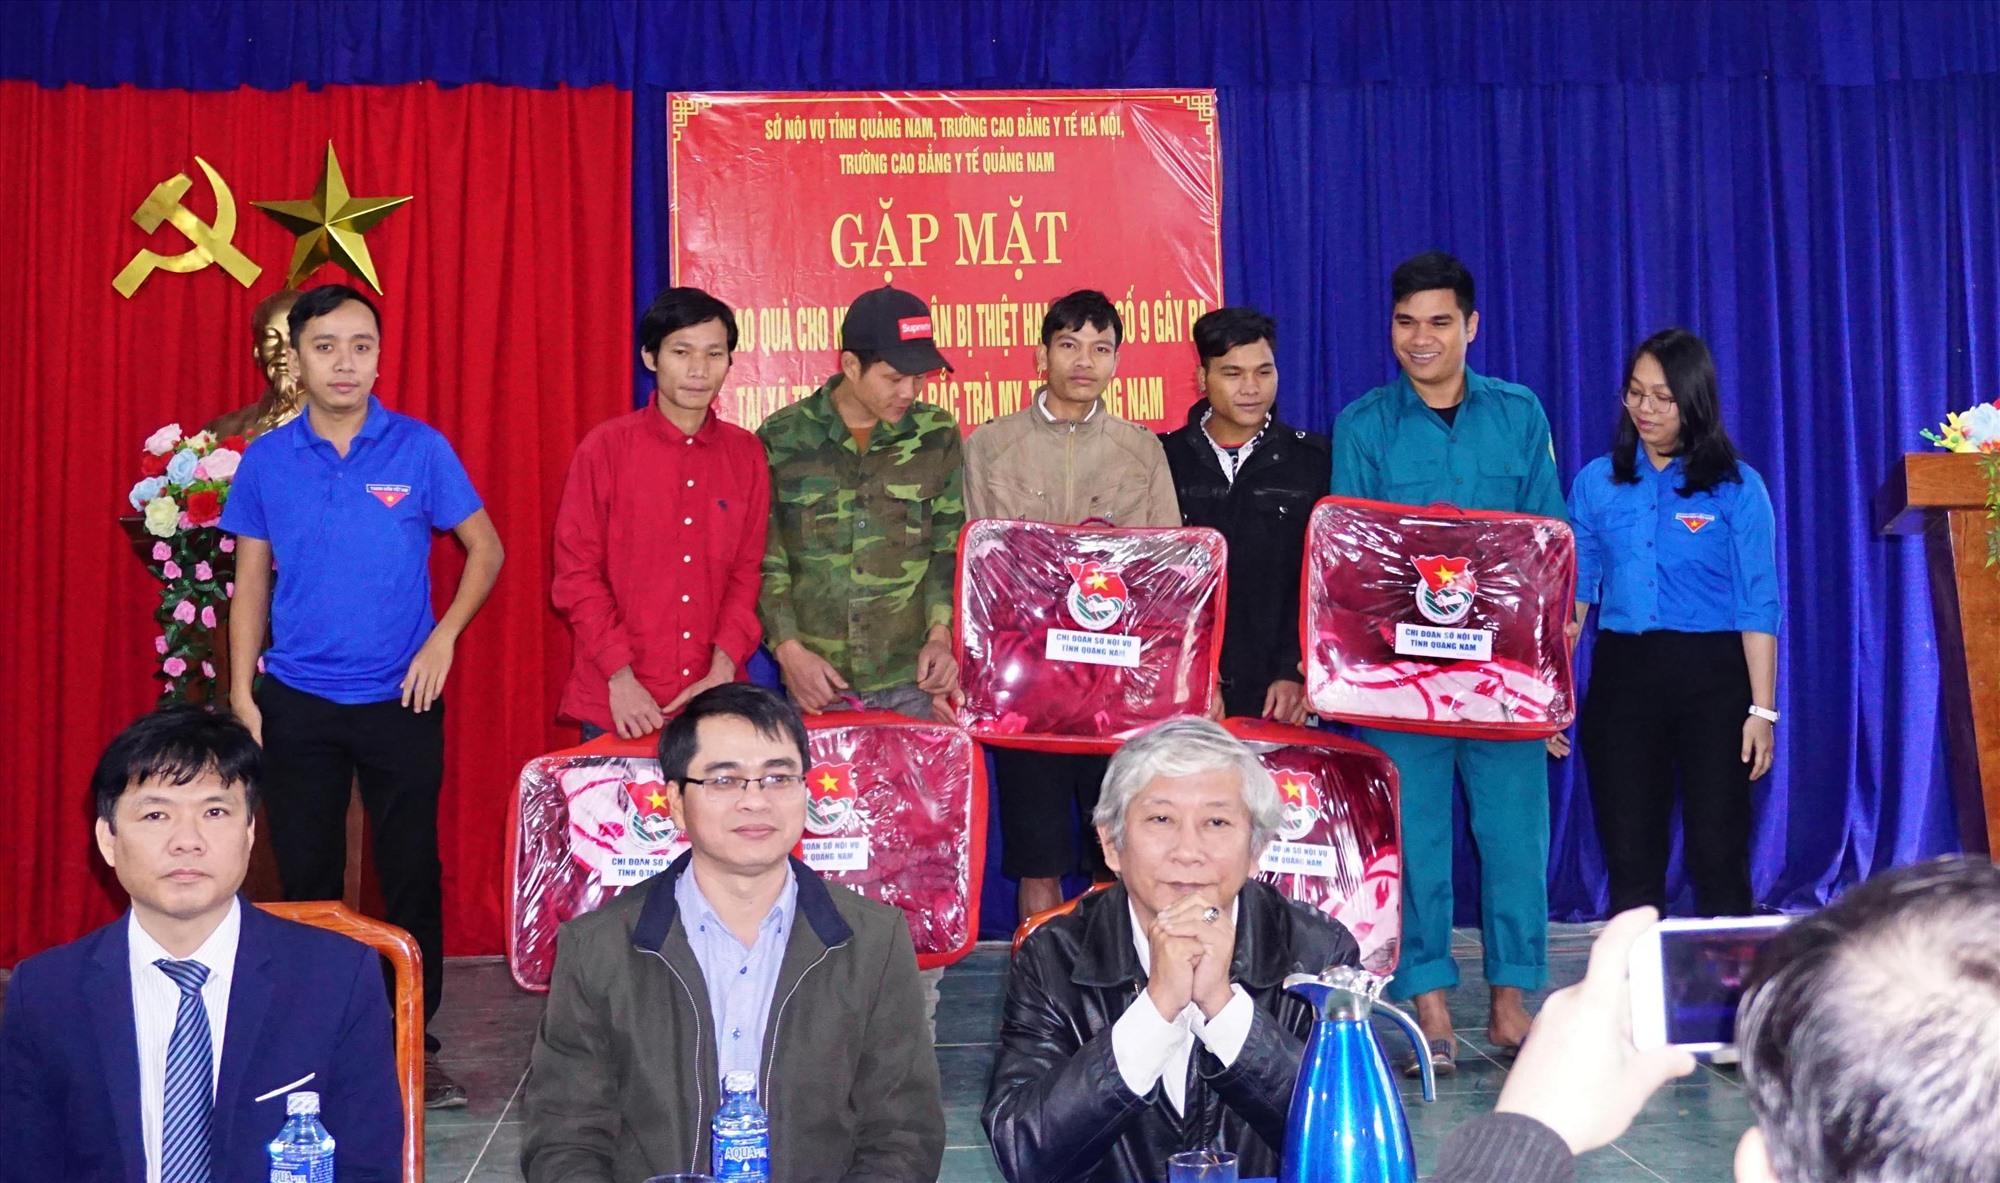 Chi đoàn Thanh niên Sở Nội vụ trao tặng quà cho các hộ gia đình thanh niên có hoàn cảnh khó khăn.